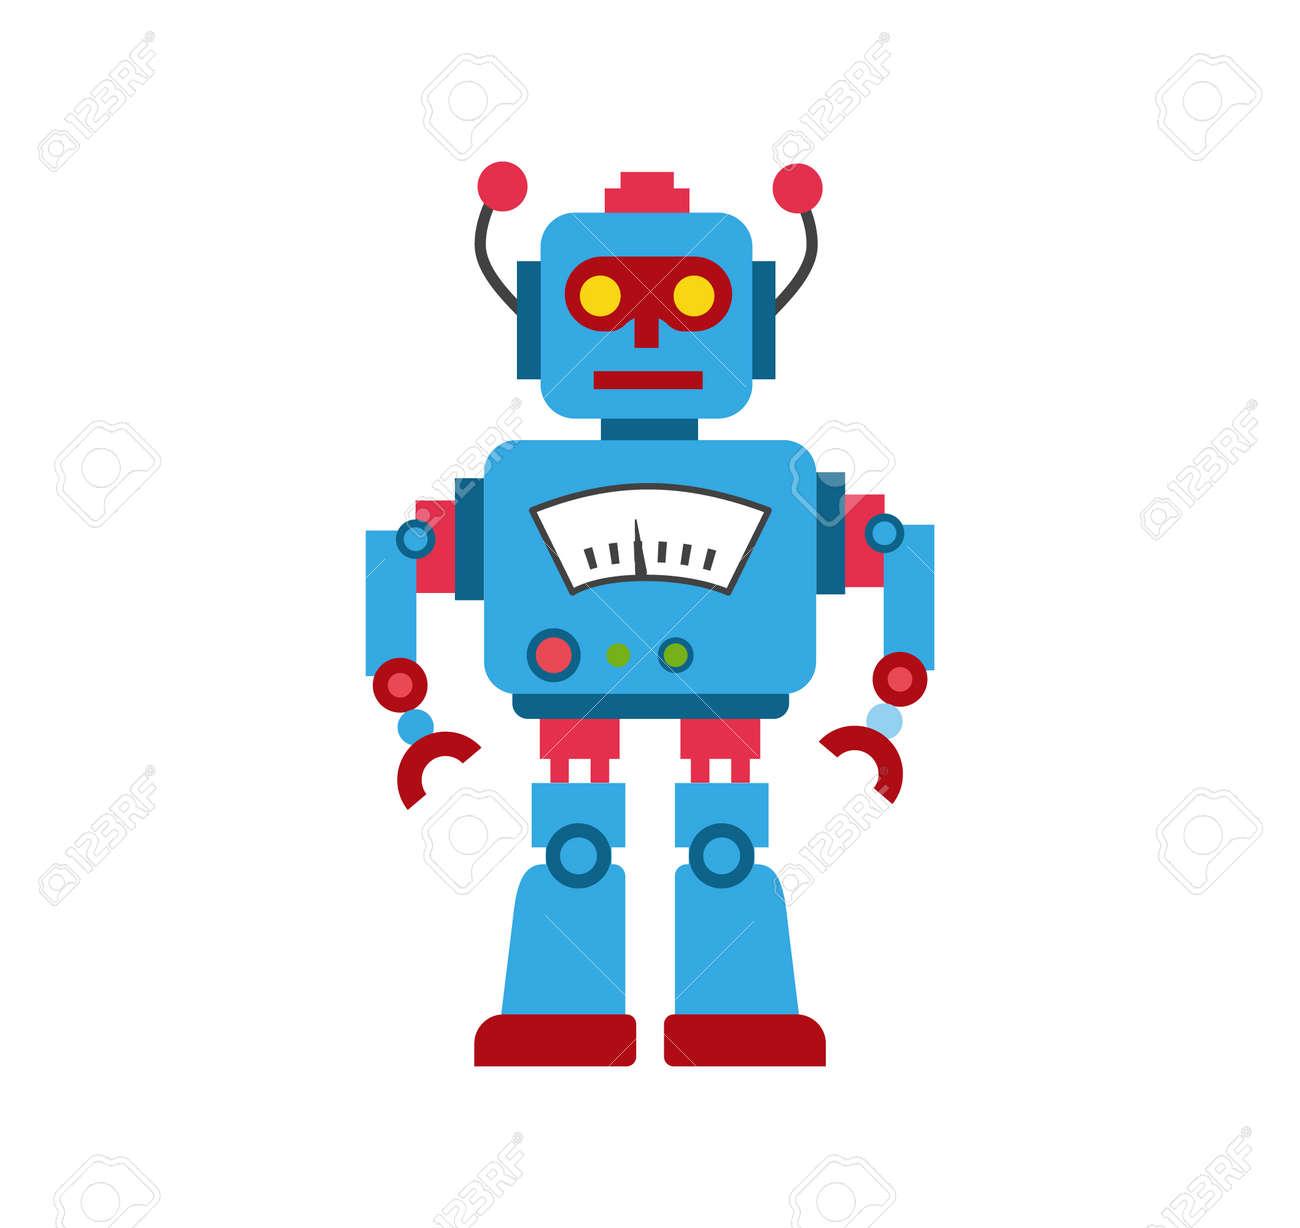 青色のおもちゃロボット イラストのイラスト素材ベクタ Image